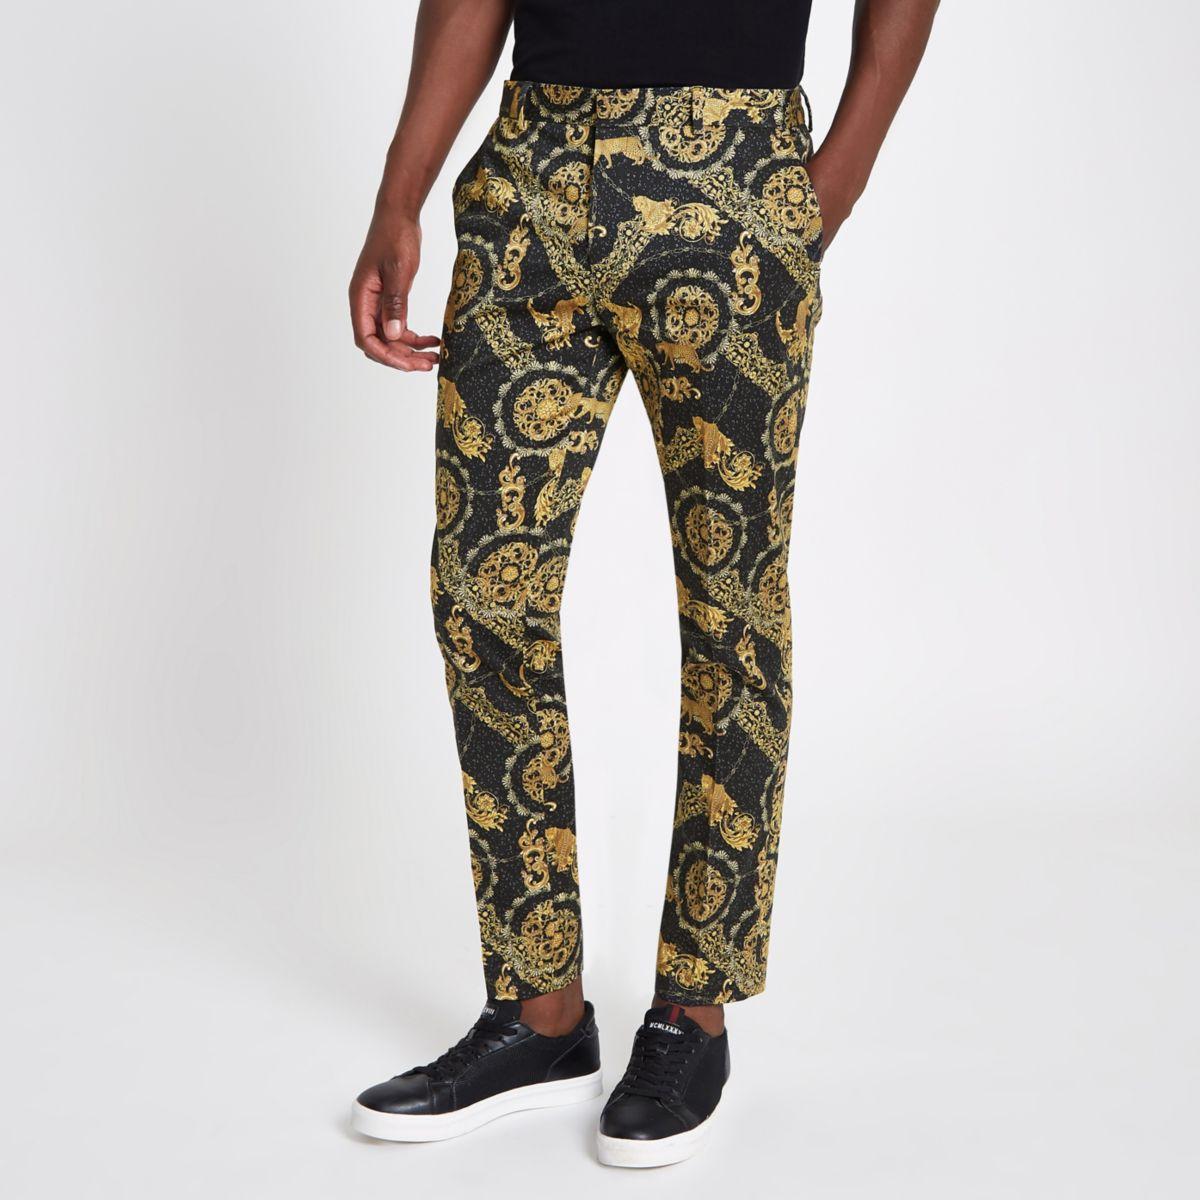 Black leopard printed skinny smart pants